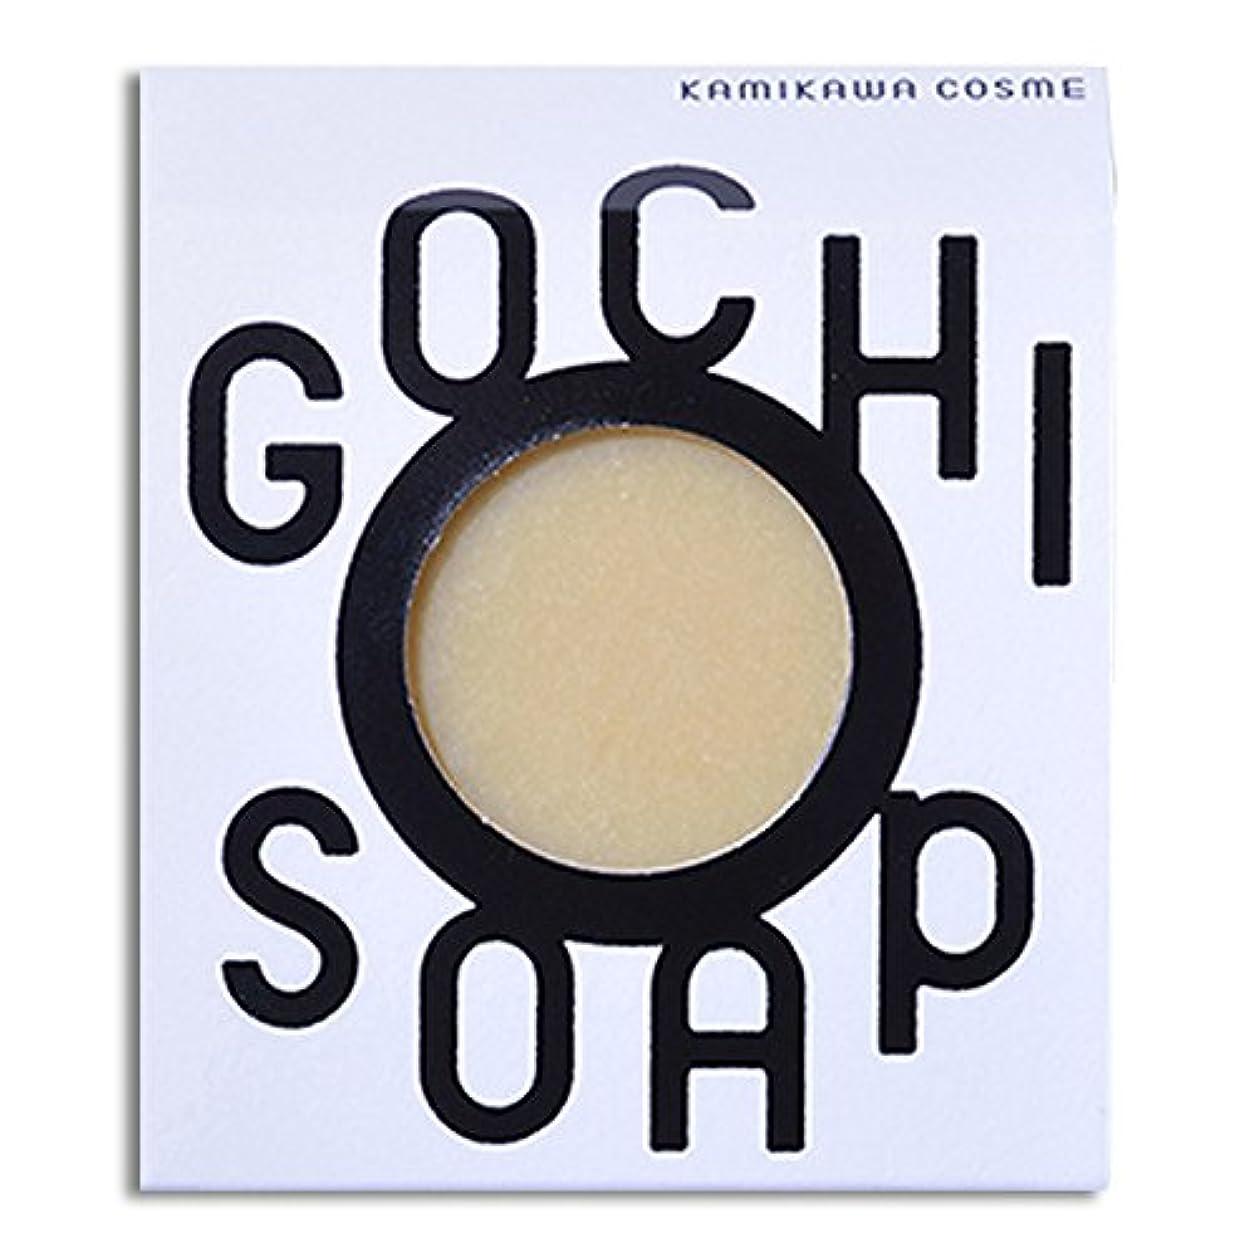 期限複数女優道北の素材を使用したコスメブランド GOCHI SOAP(山路養蜂園の蜂蜜ソープ?ふじくらますも果樹園のりんごソープ)各1個セット